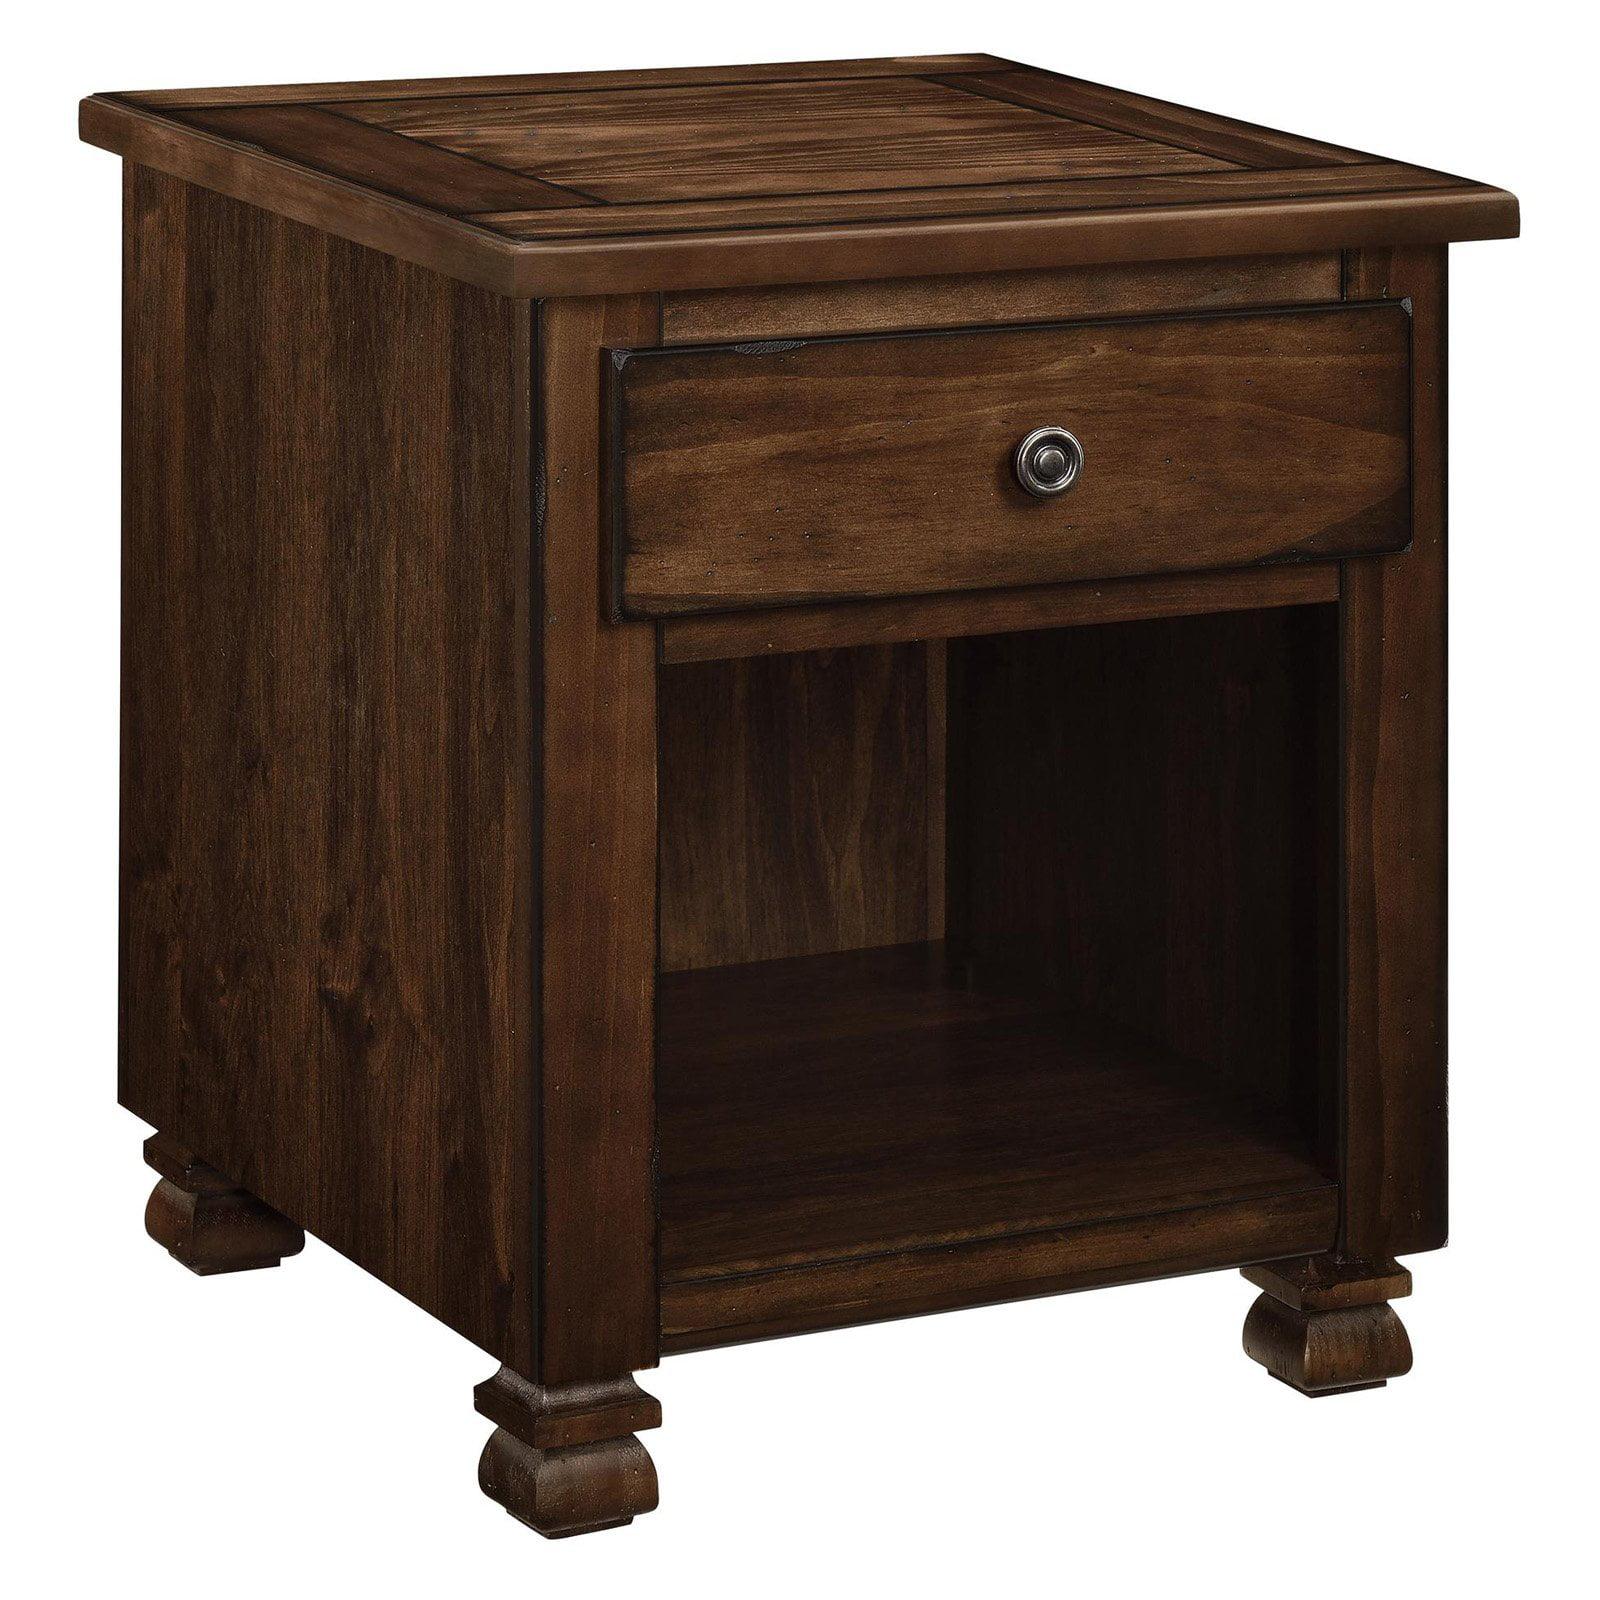 Ameriwood Home San Antonio Wood Veneer End Table, Multiple Colors by Ameriwood